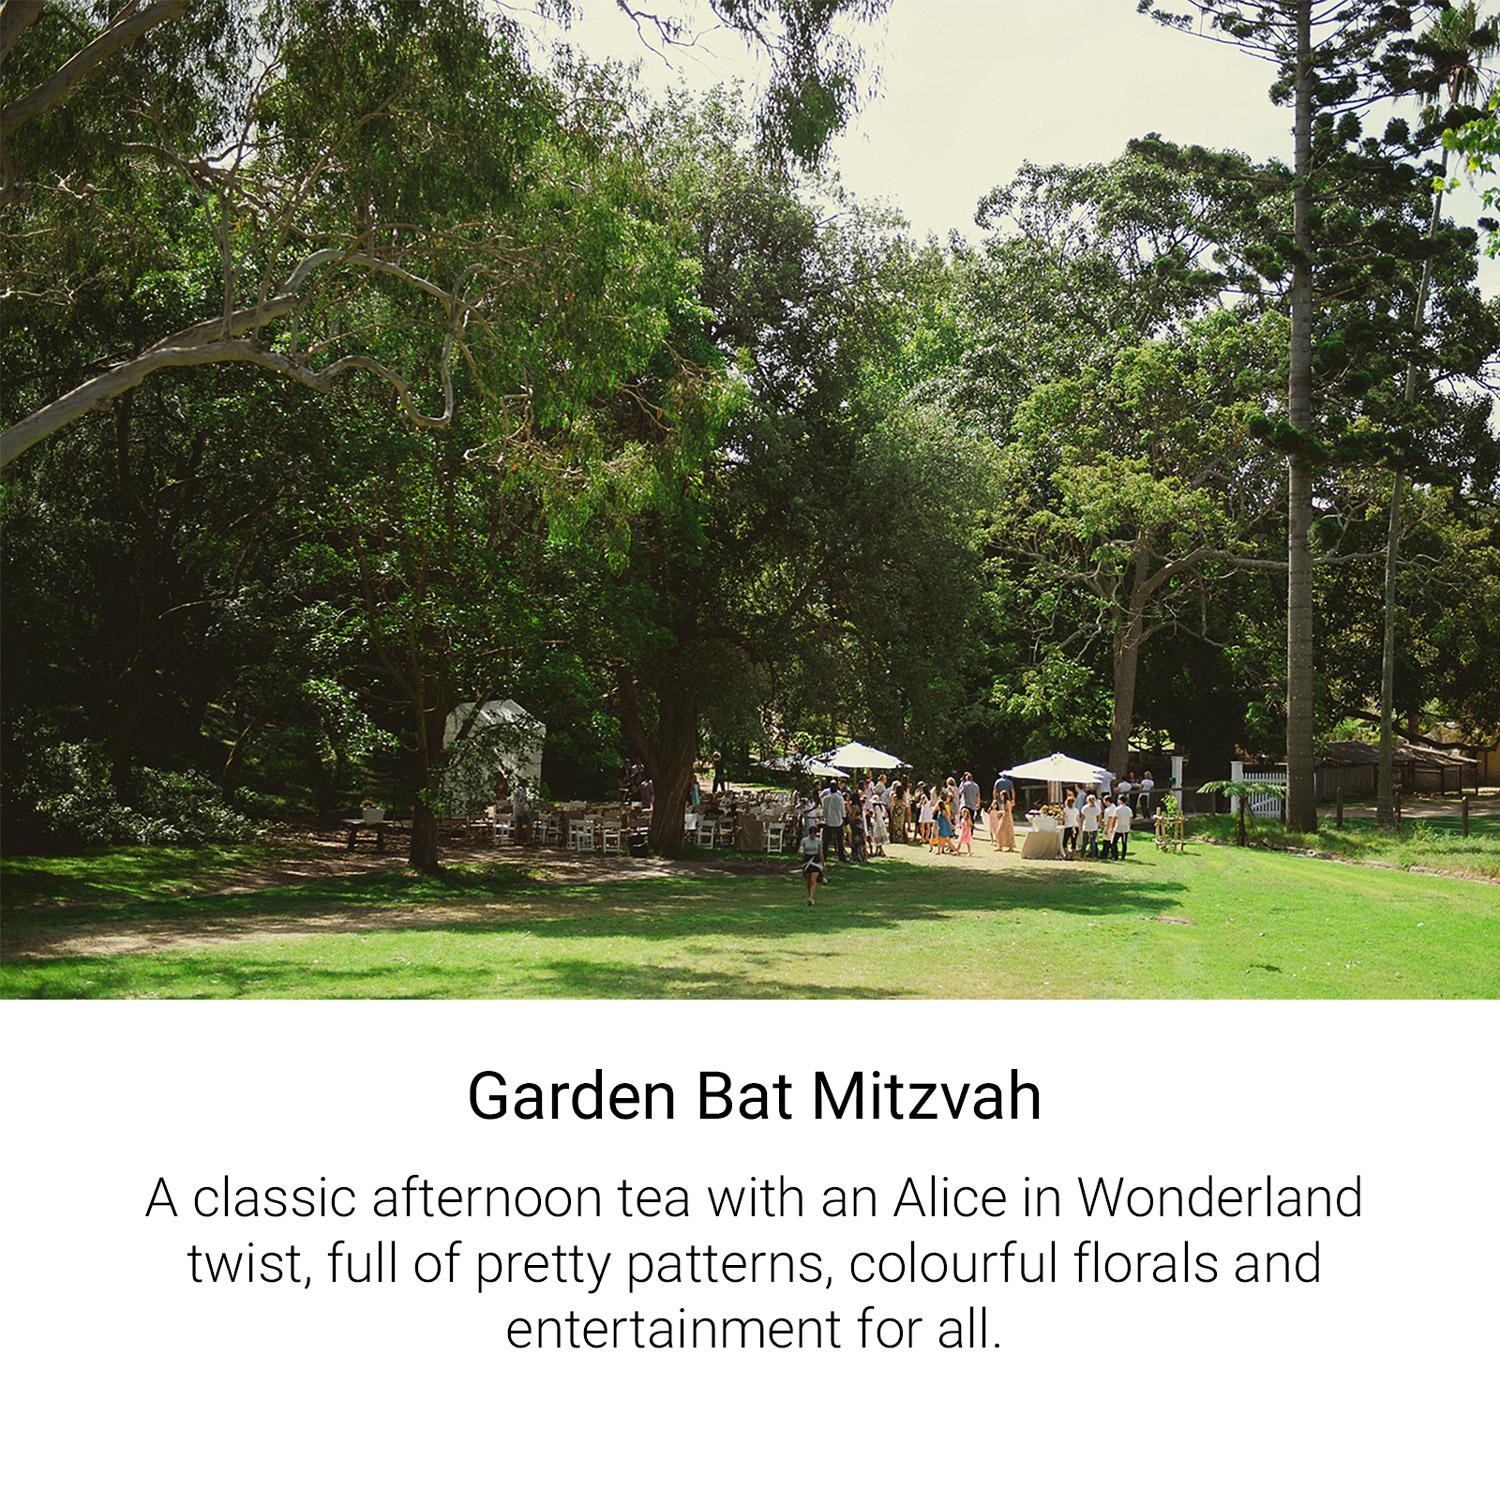 Garden Bat Mitzvah